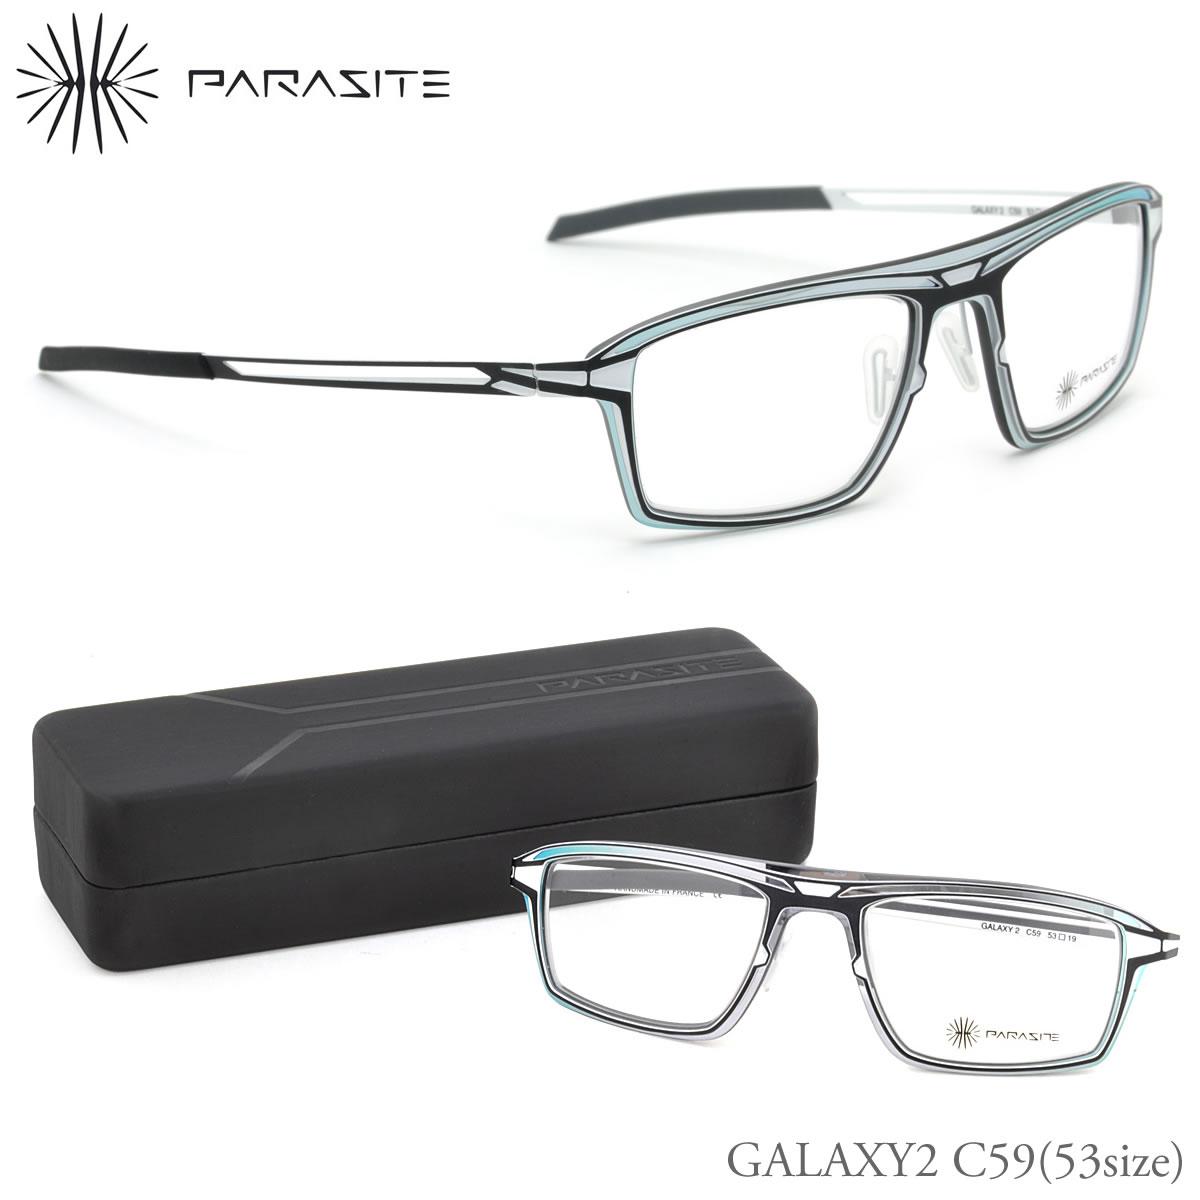 【10月30日からエントリーで全品ポイント20倍】【PARASITE】(パラサイト) メガネ フレーム GALAXY2 C59 53サイズ スクエア monoシリーズ パラサイト PARASITE ギャラクシー2 メンズ レディース